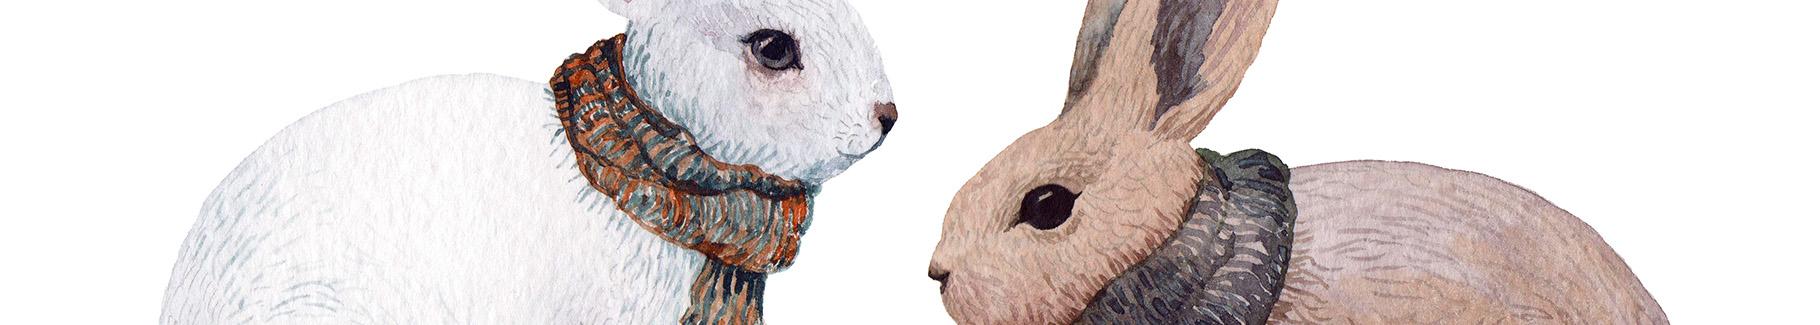 Naklejka ze zwierzętami: króliki